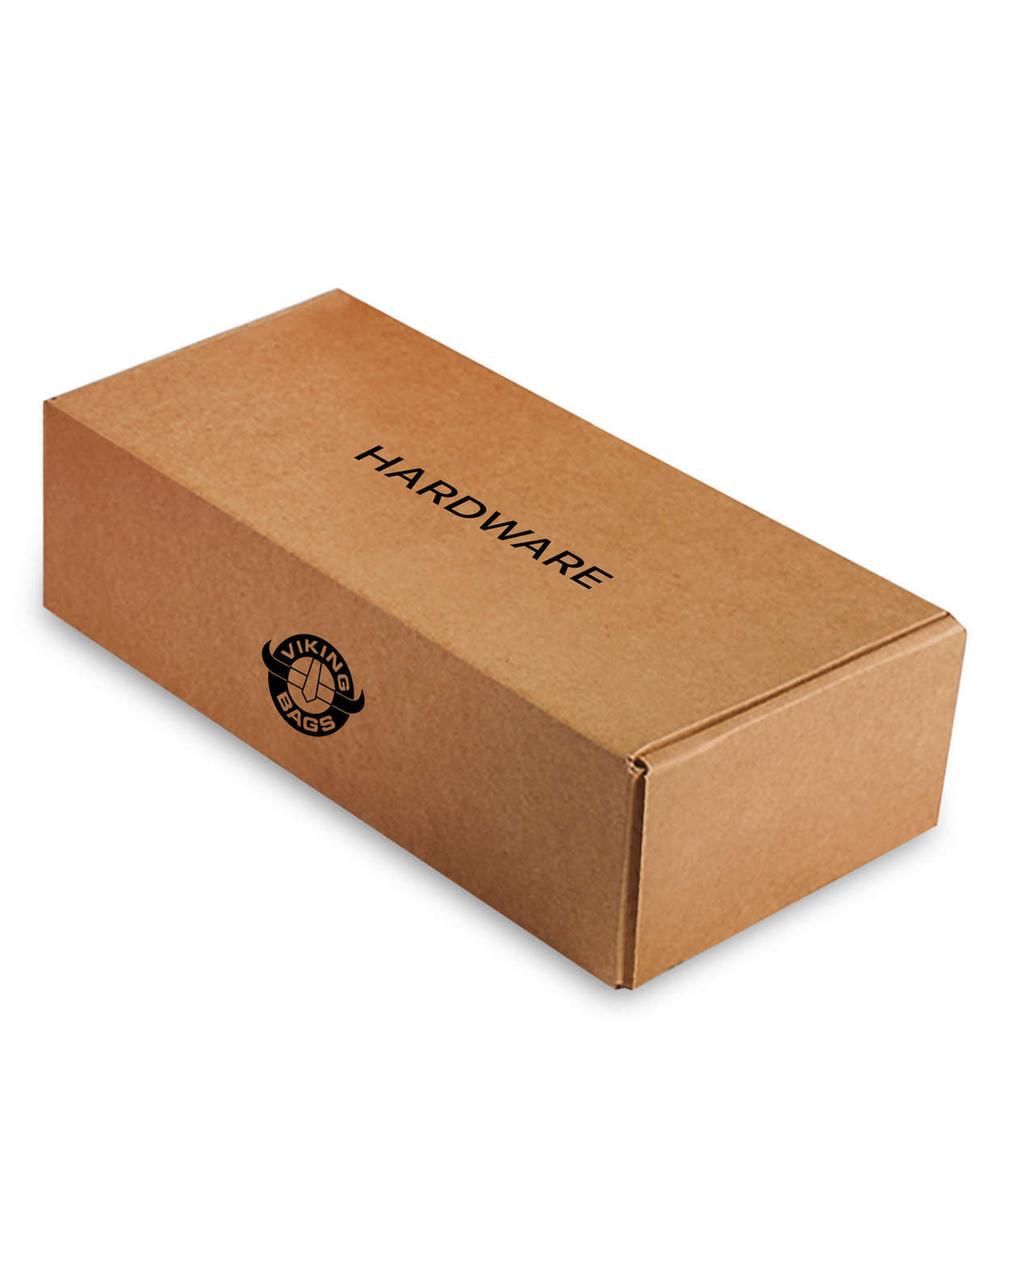 Honda Magna 750 Medium SS Slanted Studded Motorcycle Saddlebags box